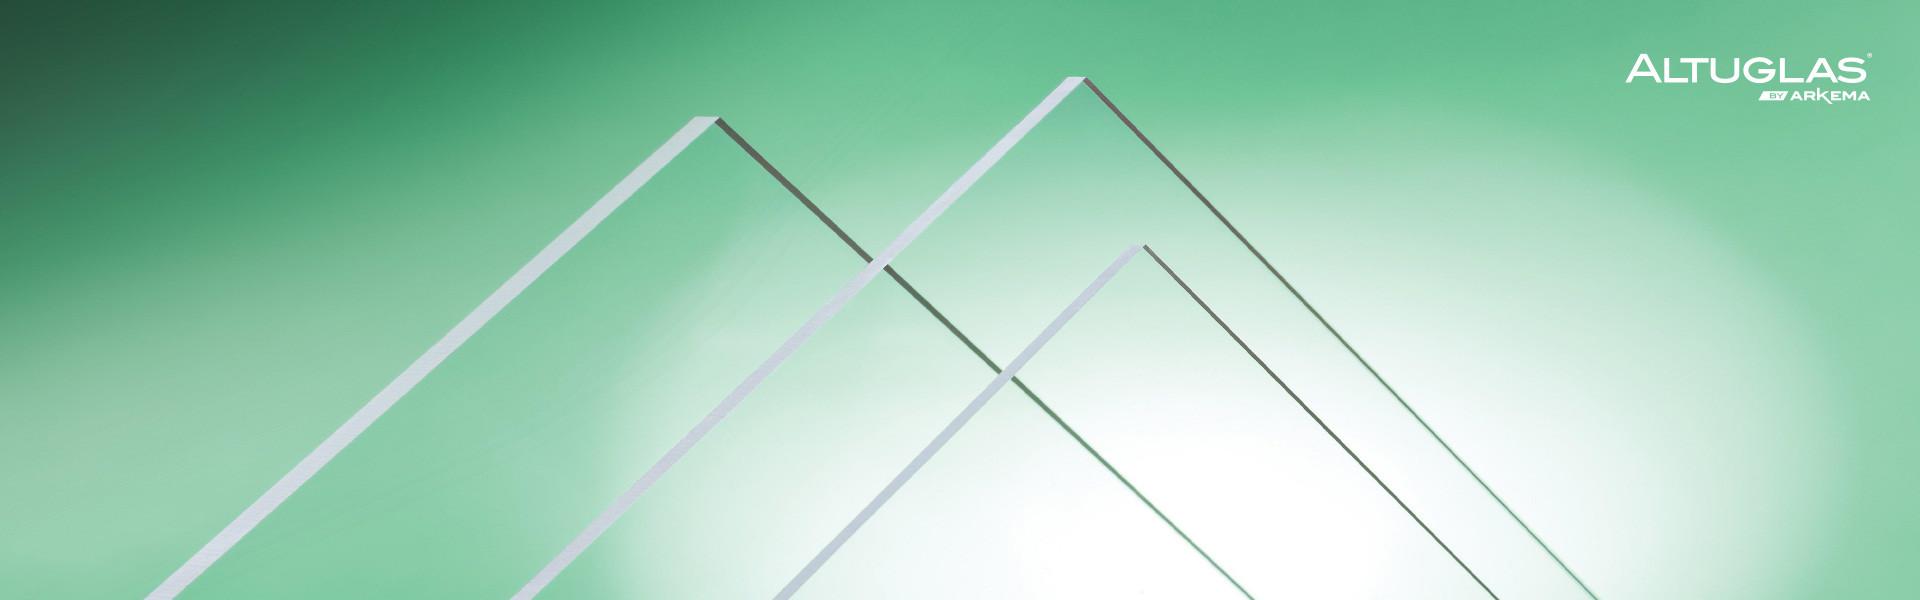 Скидка на литой прозрачный акрил ALTUGLAS 4 мм – 41,53 € за м.кв